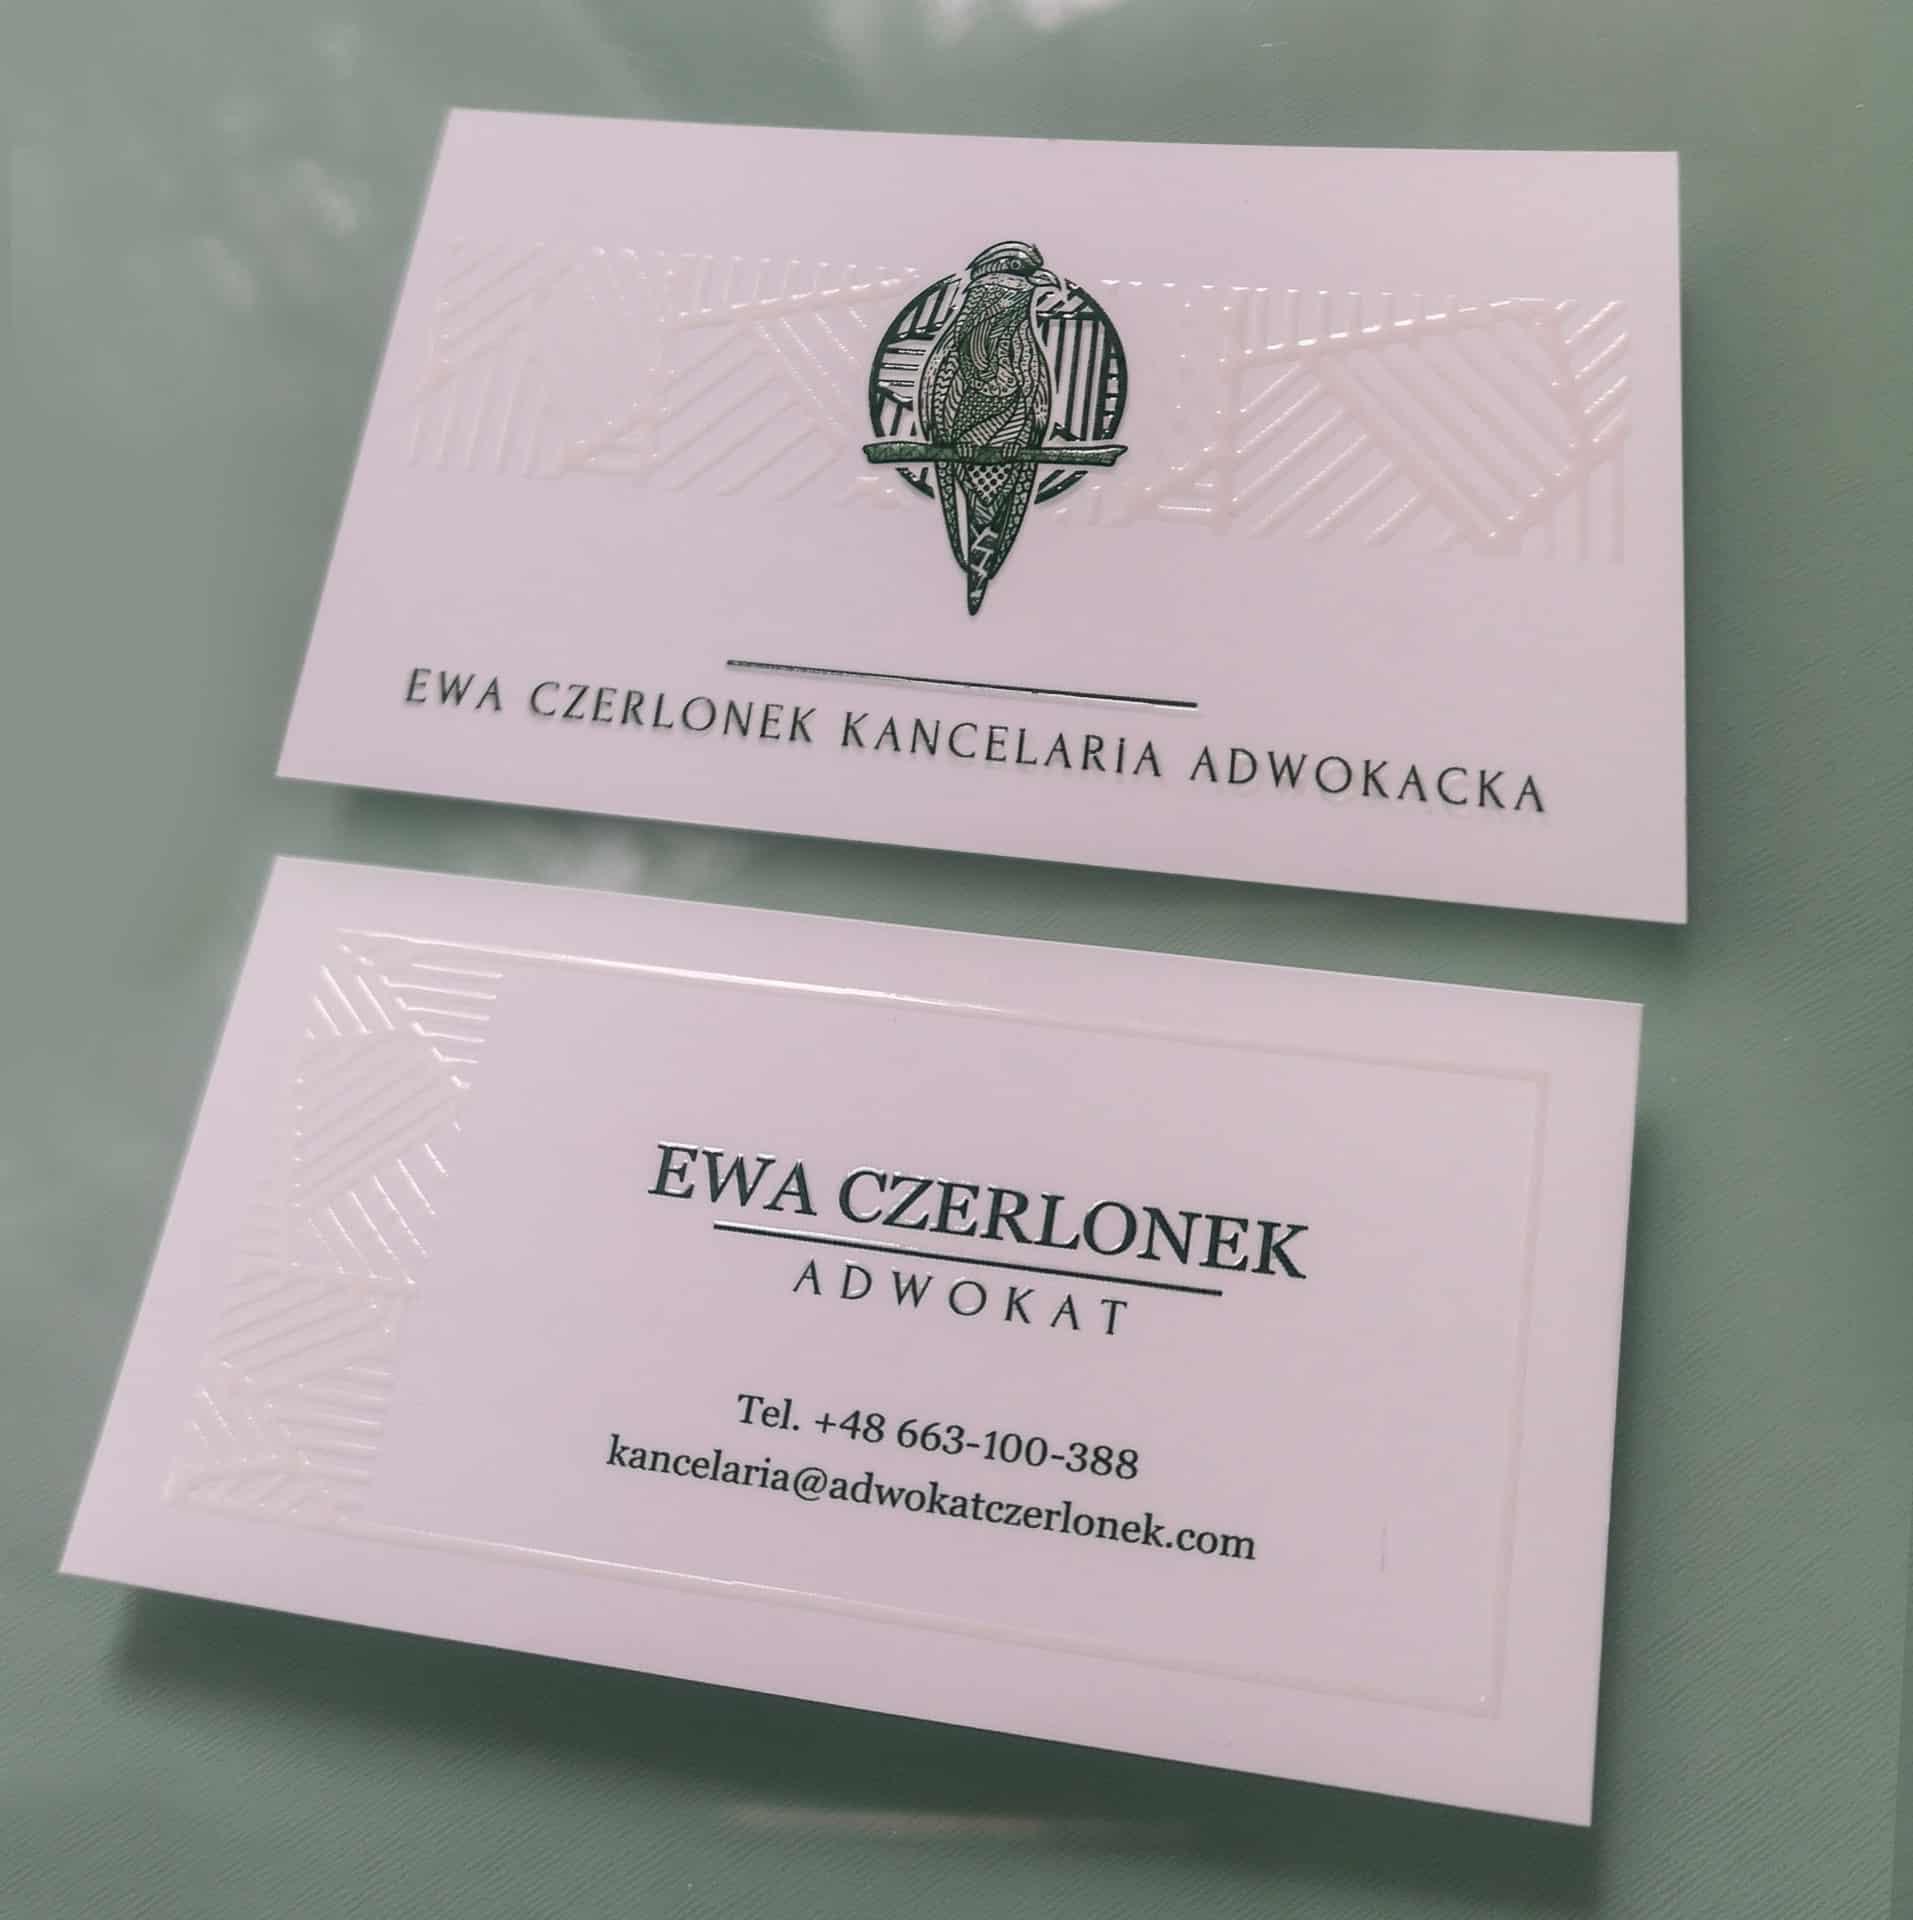 wizytówki z nadrukiem dla Adwokat Ewy Czerlonek